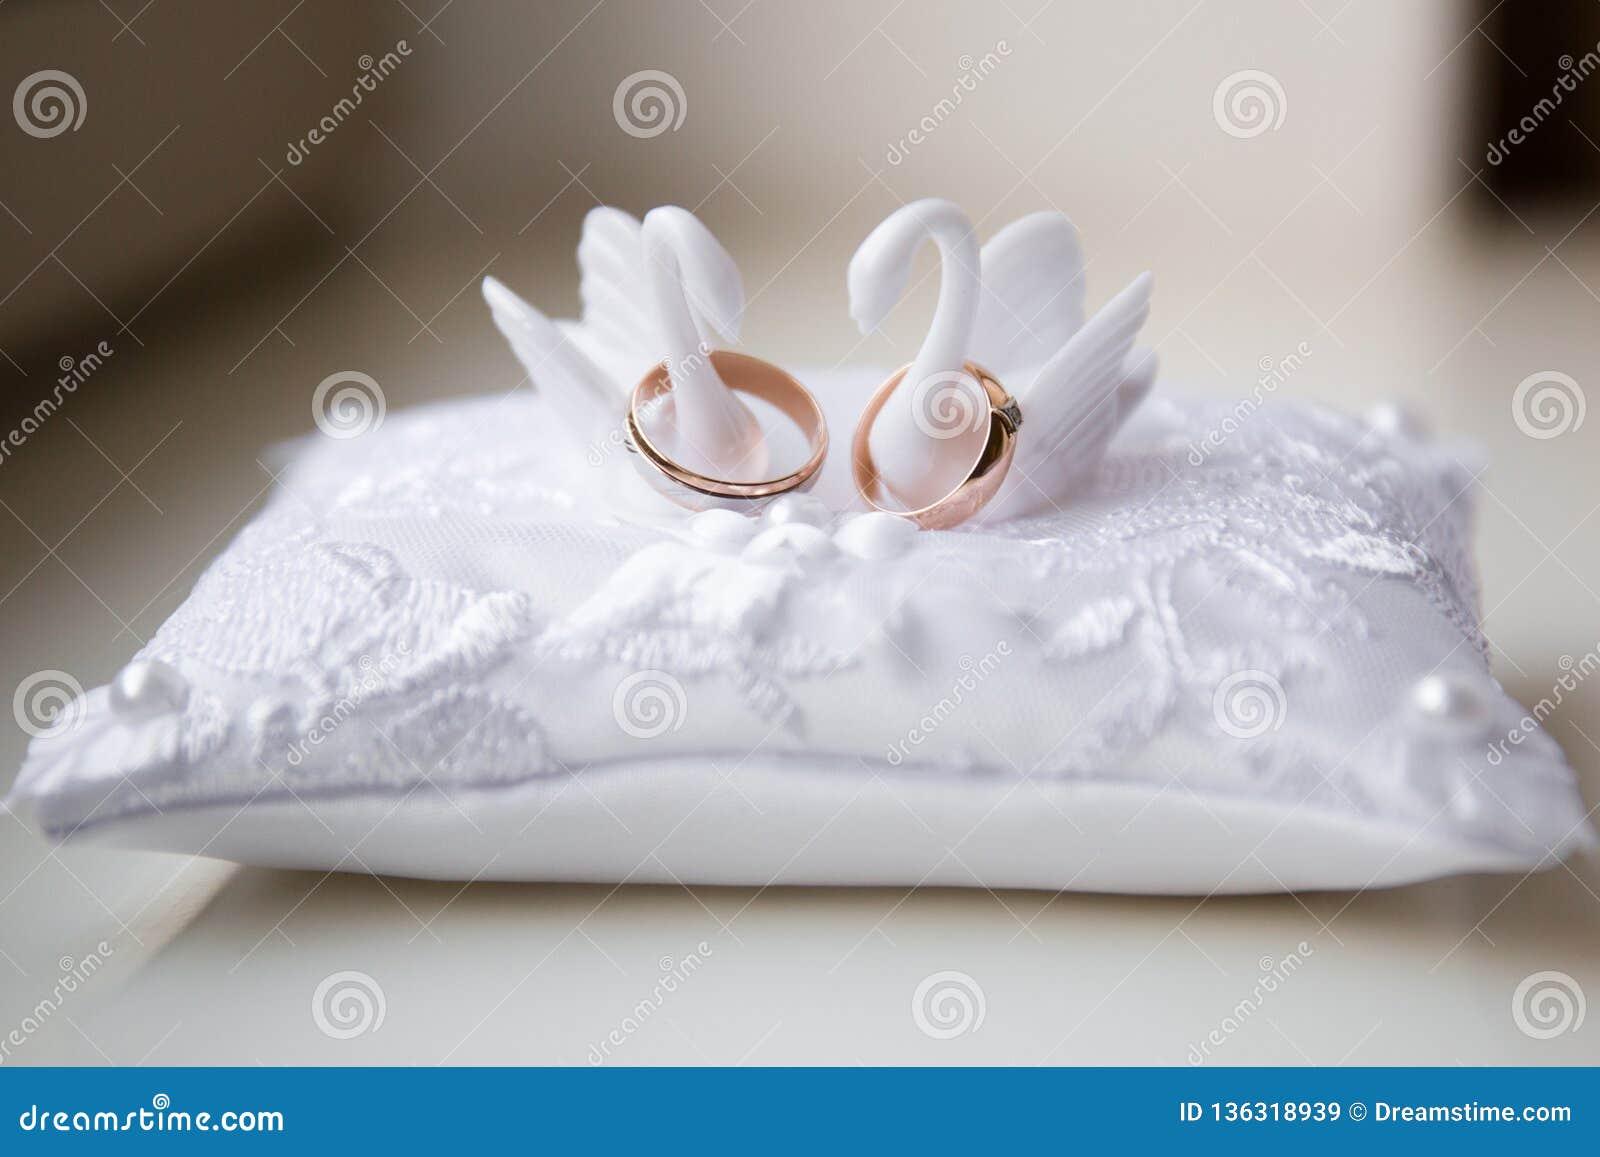 Um par de alianças de casamento em um descanso branco